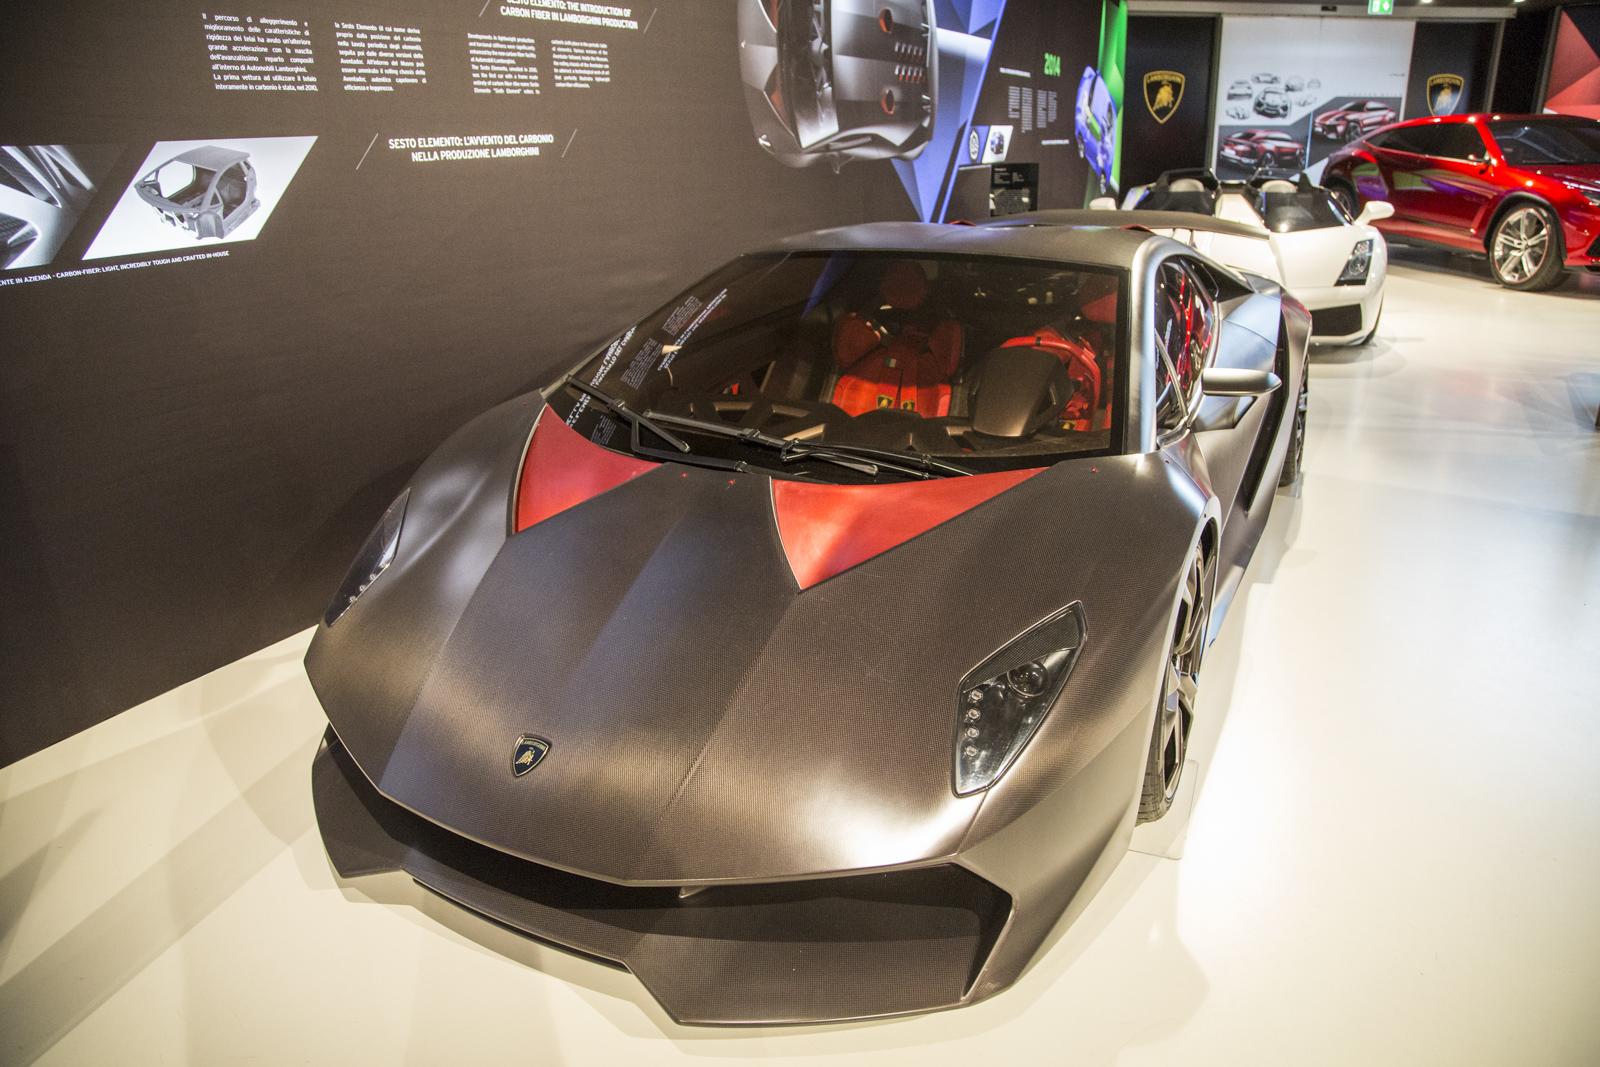 Lamborghini_museum_14